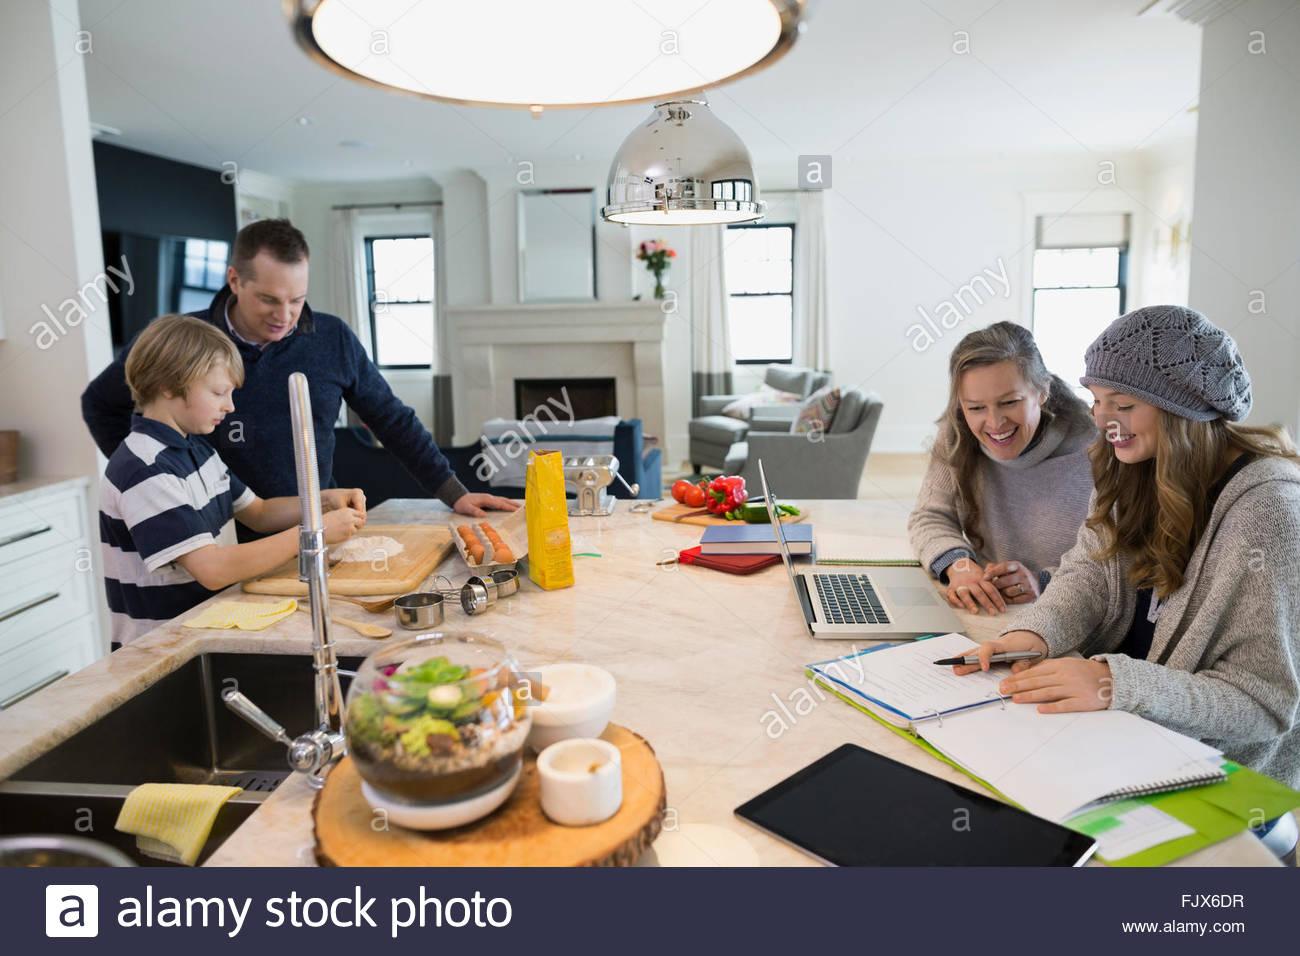 La cuisson de la famille et de faire leurs devoirs à l'île de cuisine Photo Stock